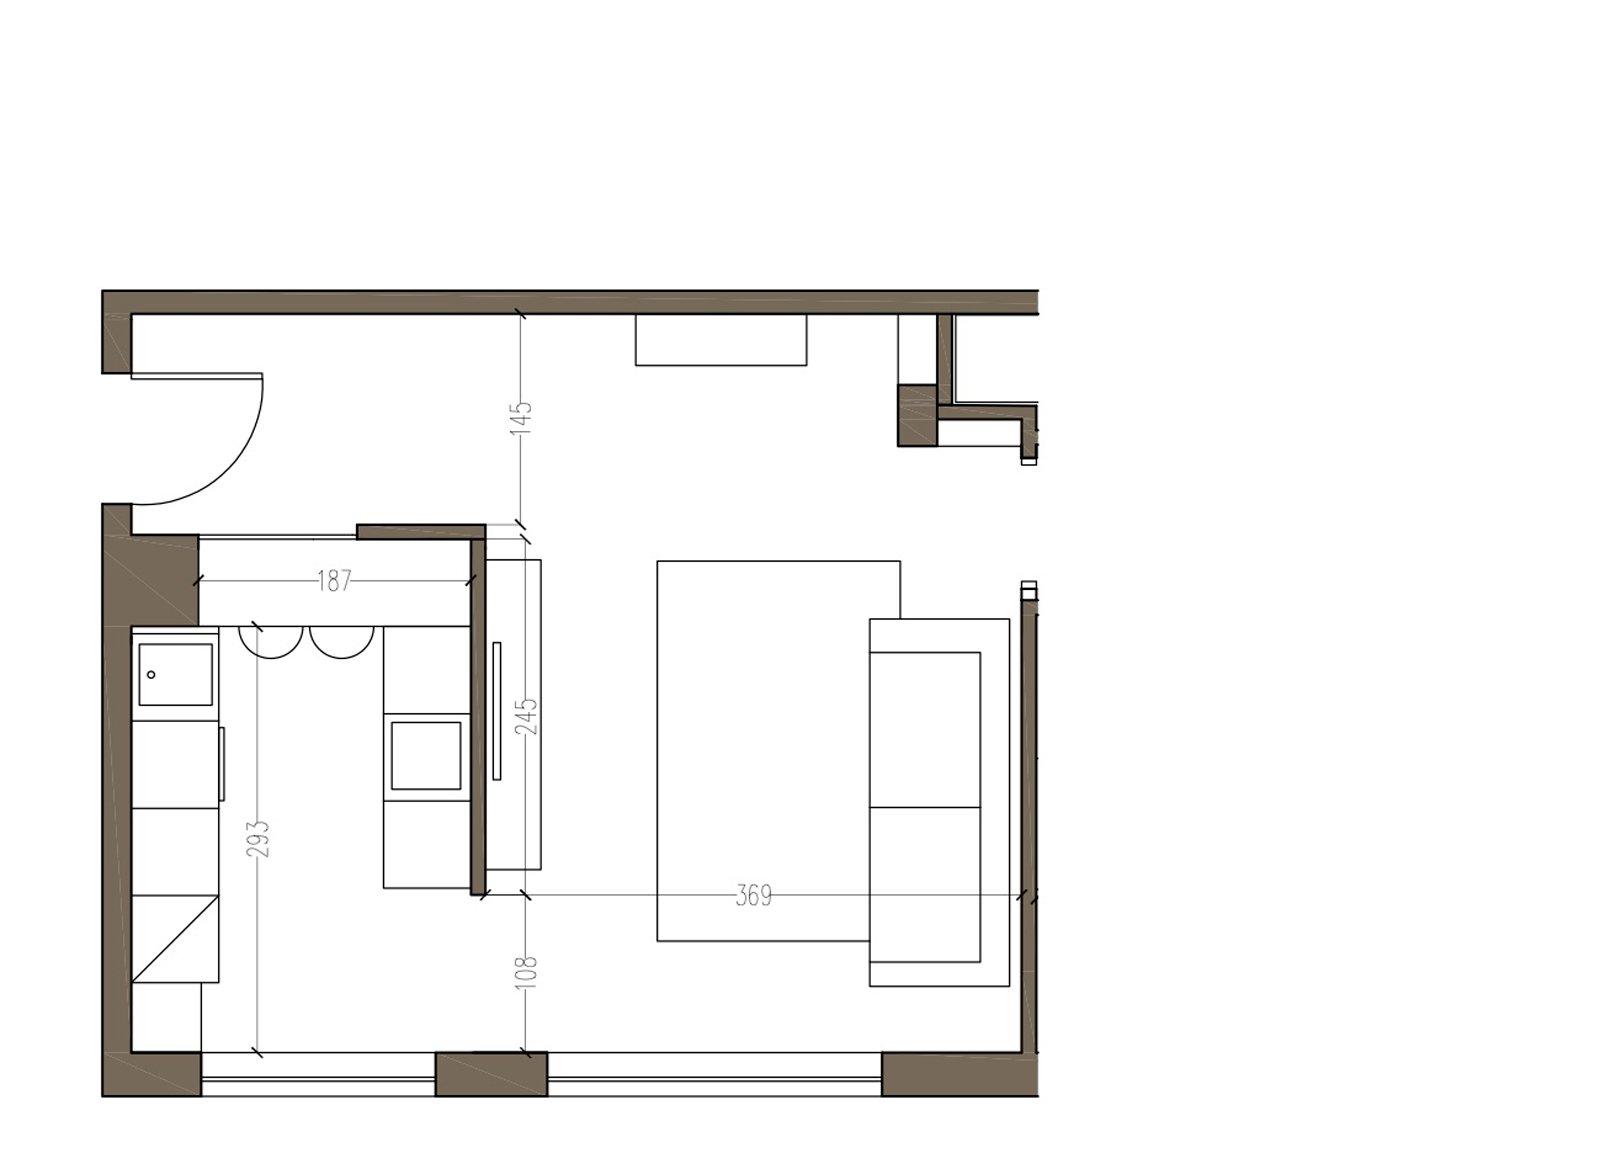 Arredamento cucine piccole un progetto per meno di 6 mq cose di casa - Cucine angolari piccole dimensioni ...